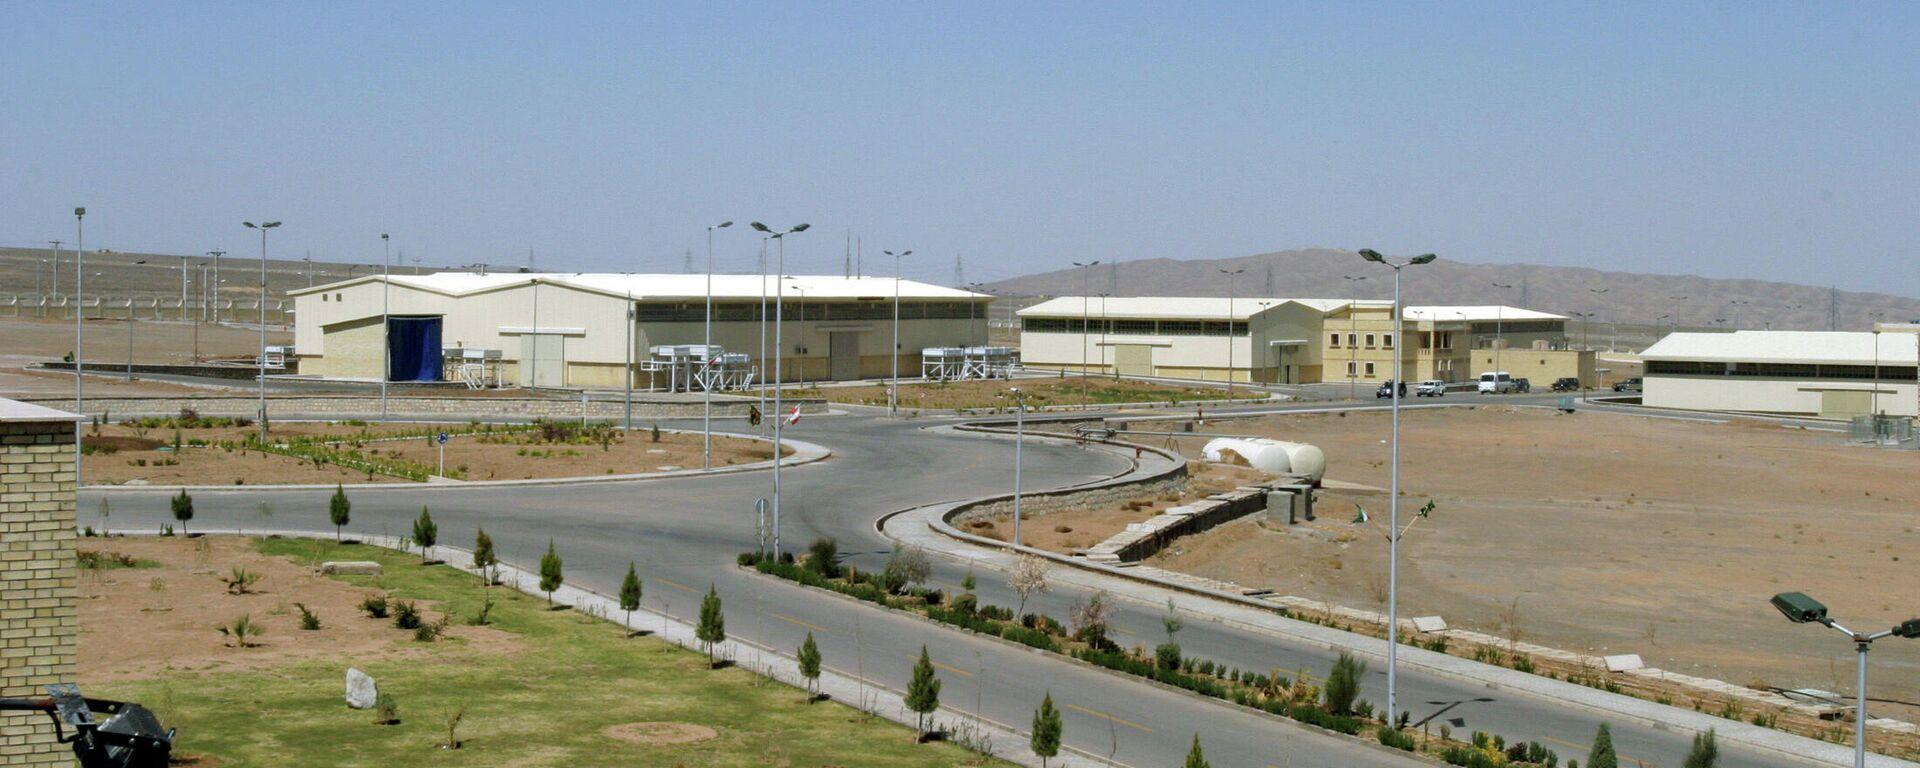 La instalación nuclear iraní de Natanz  - Sputnik Mundo, 1920, 12.04.2021